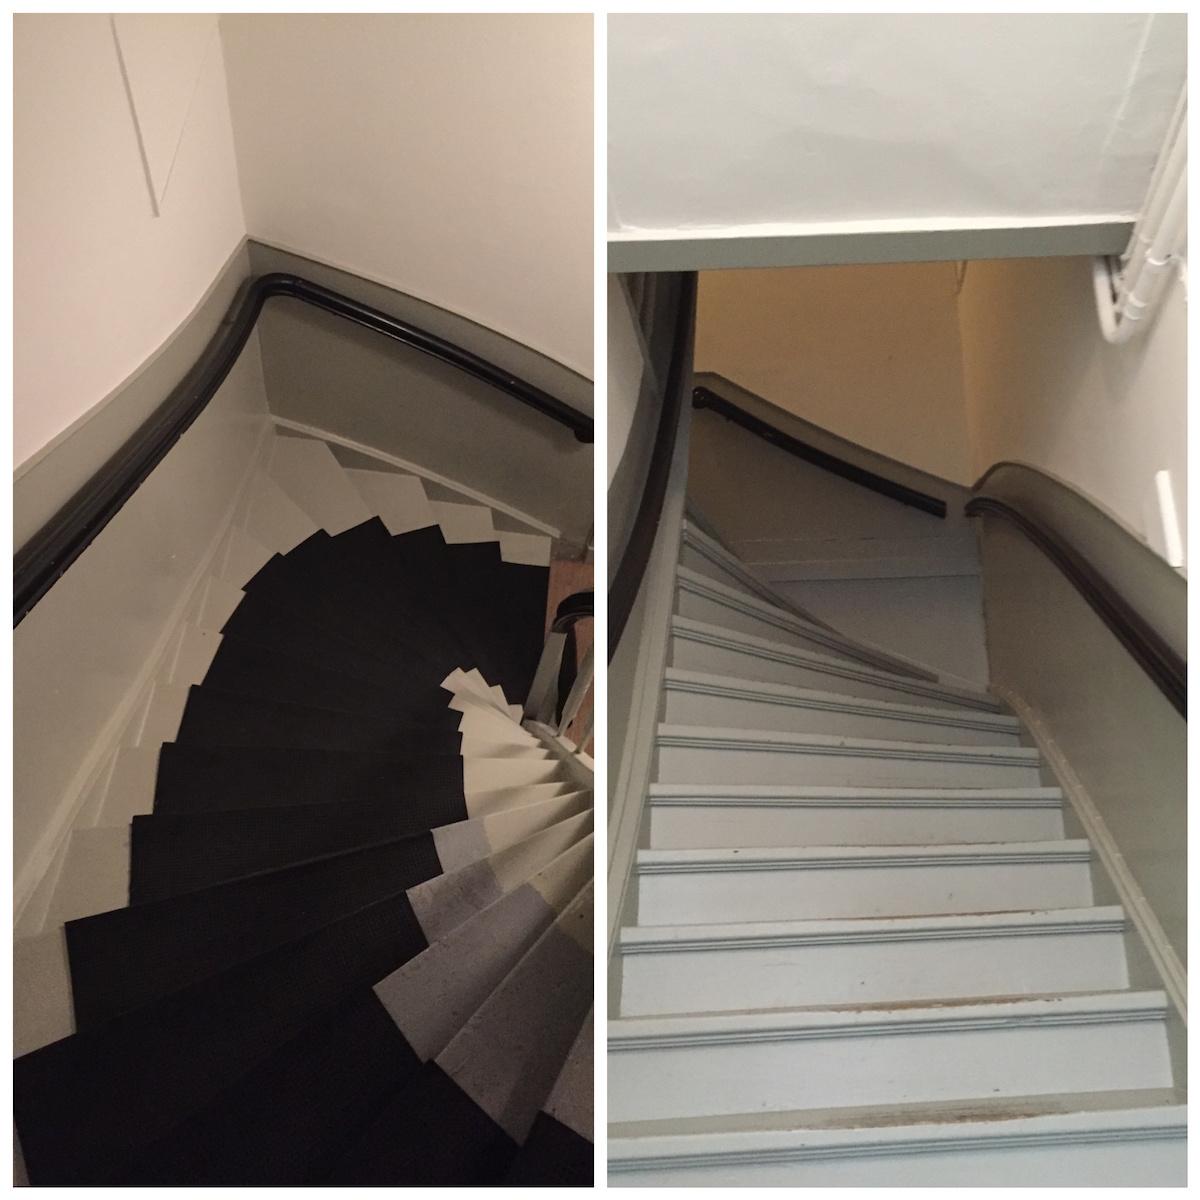 필자가 묵을 방으로 올라가는 좁고 가파른 계단